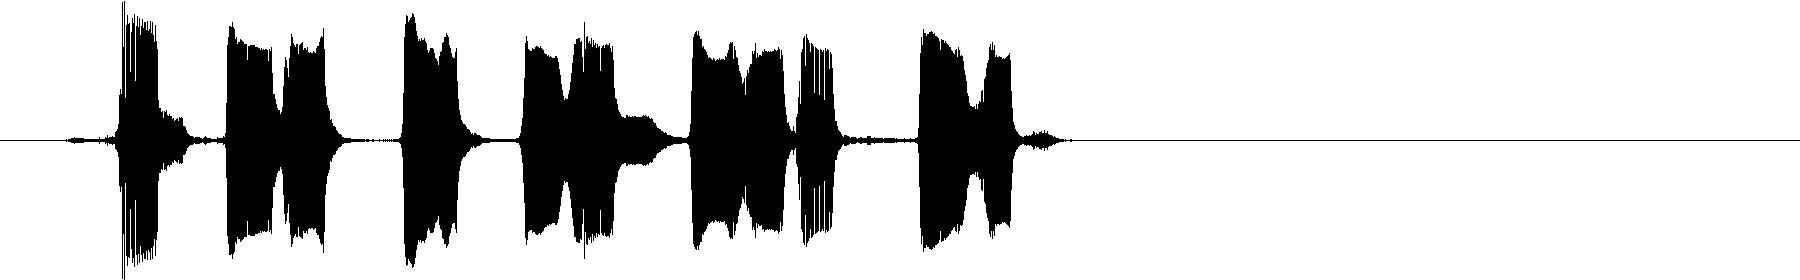 vedh sax lick 31 fm 124bpm